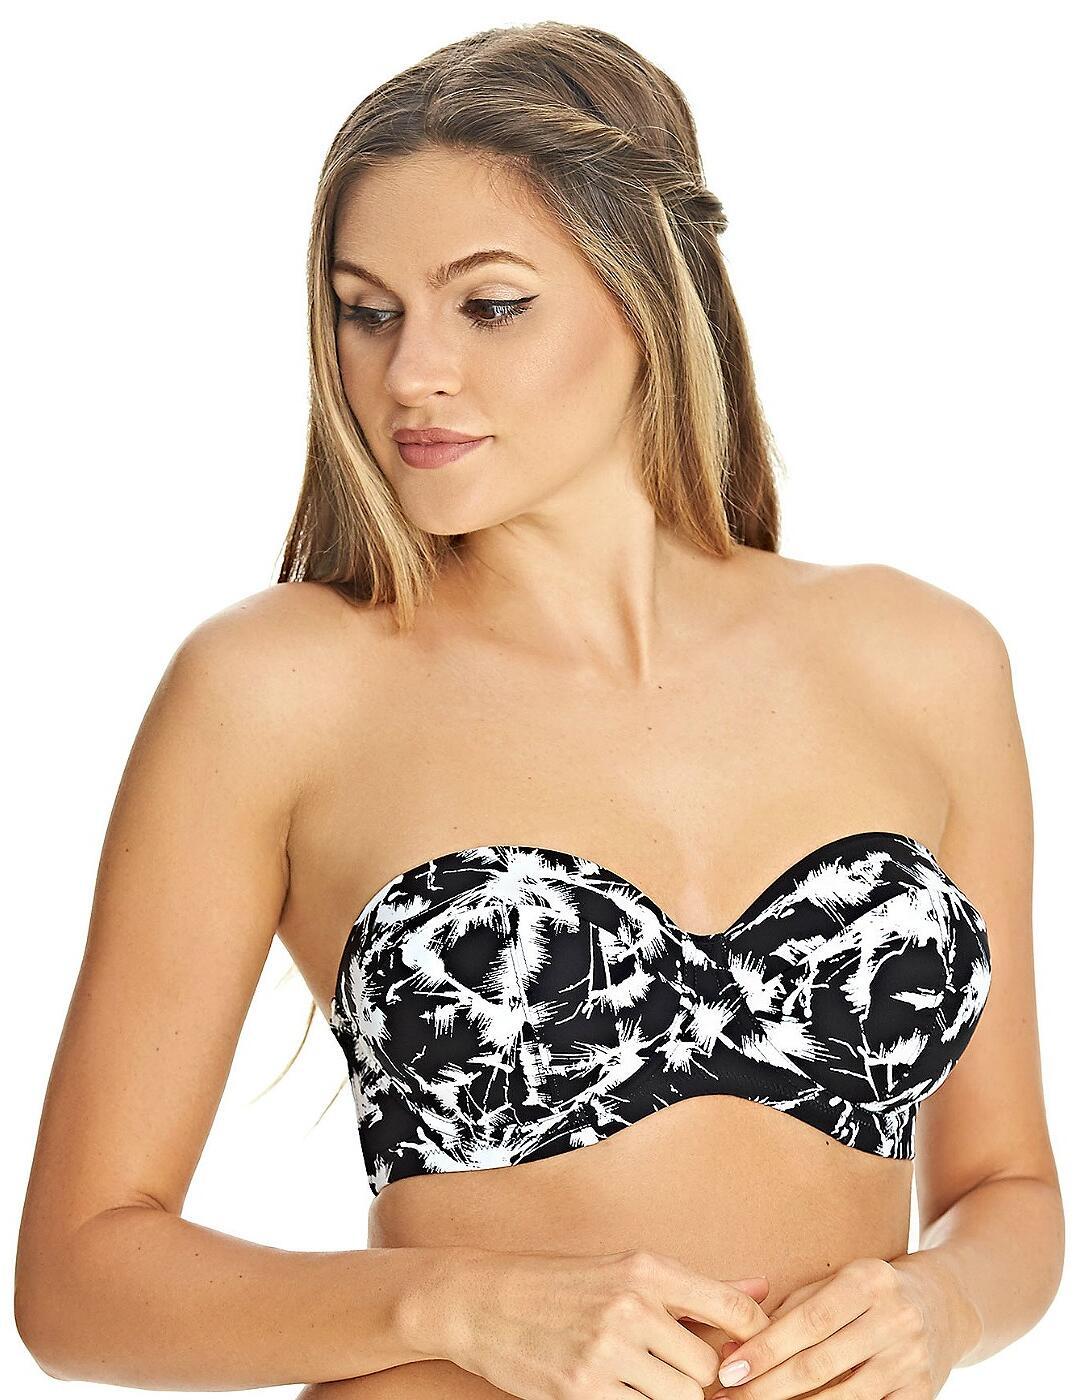 4021 Freya Palm Haze Underwired Padded Bandeau Bikini Top - 4021 Monochrome